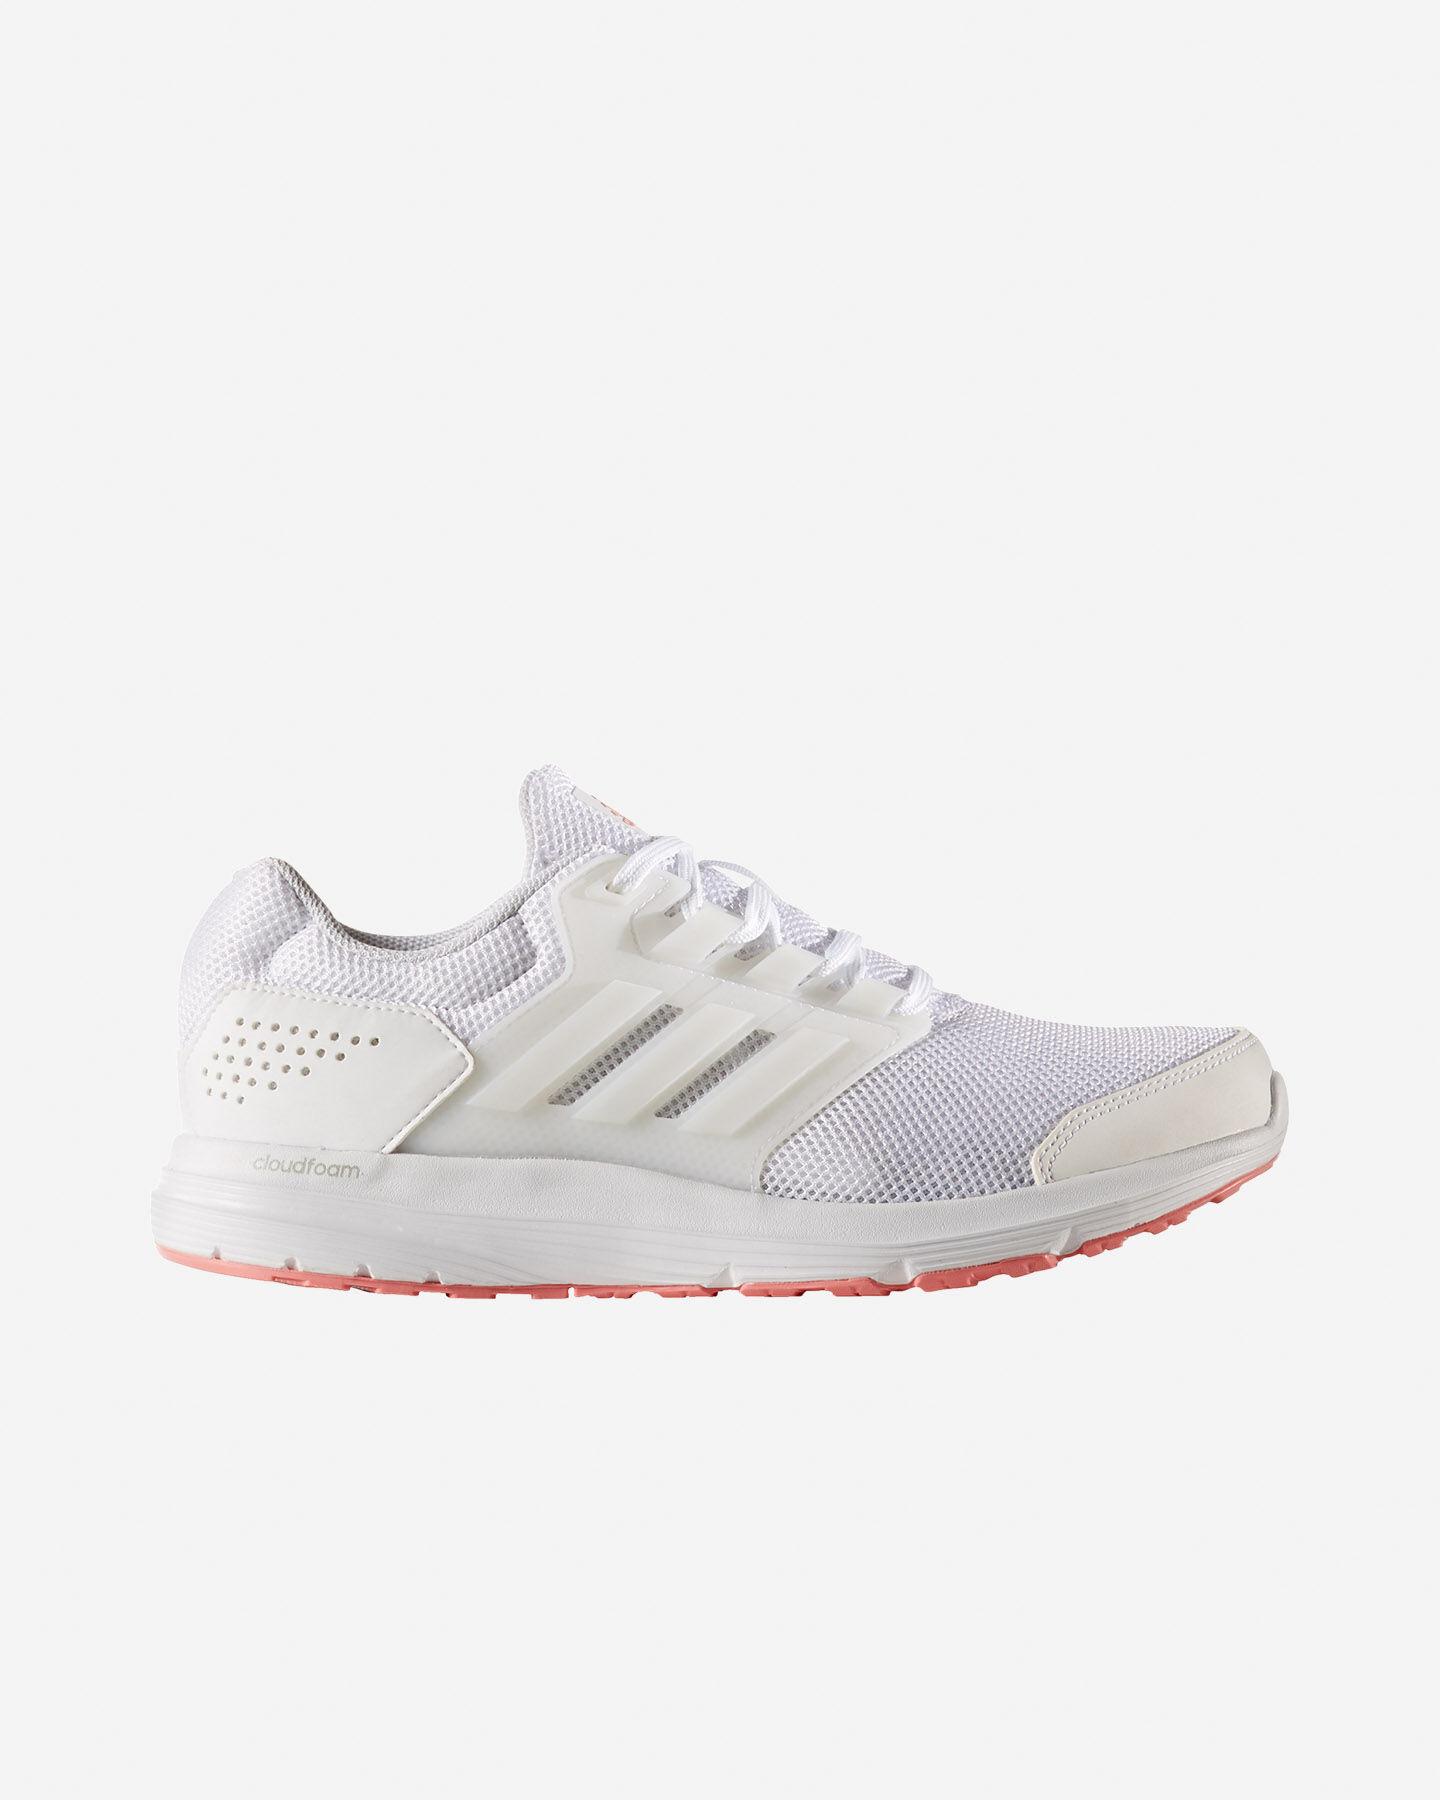 Adidas Galaxy 4 W - scarpe running neutre - donna Footlocker En Venta Venta Al Por Mayor Precio En Línea Venta En Línea Almacenista Geniue 5lBBcC6z